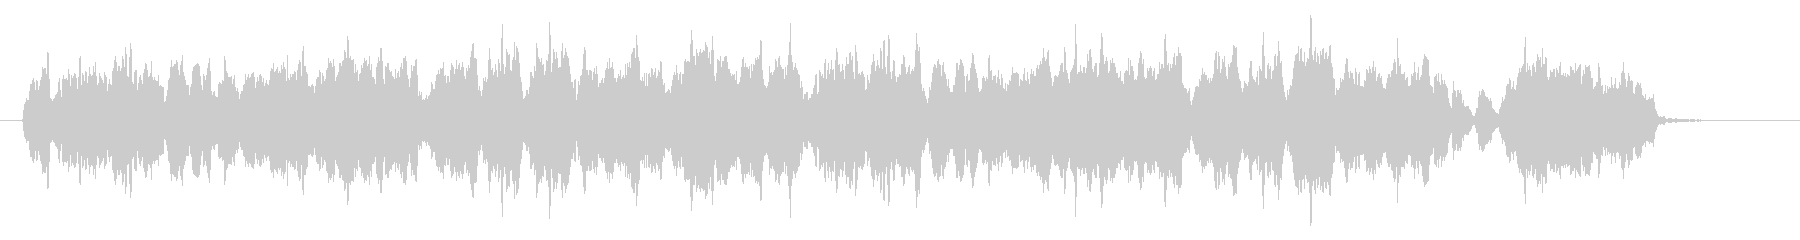 弦楽四重奏のキャッチーなジングルの未再生の波形